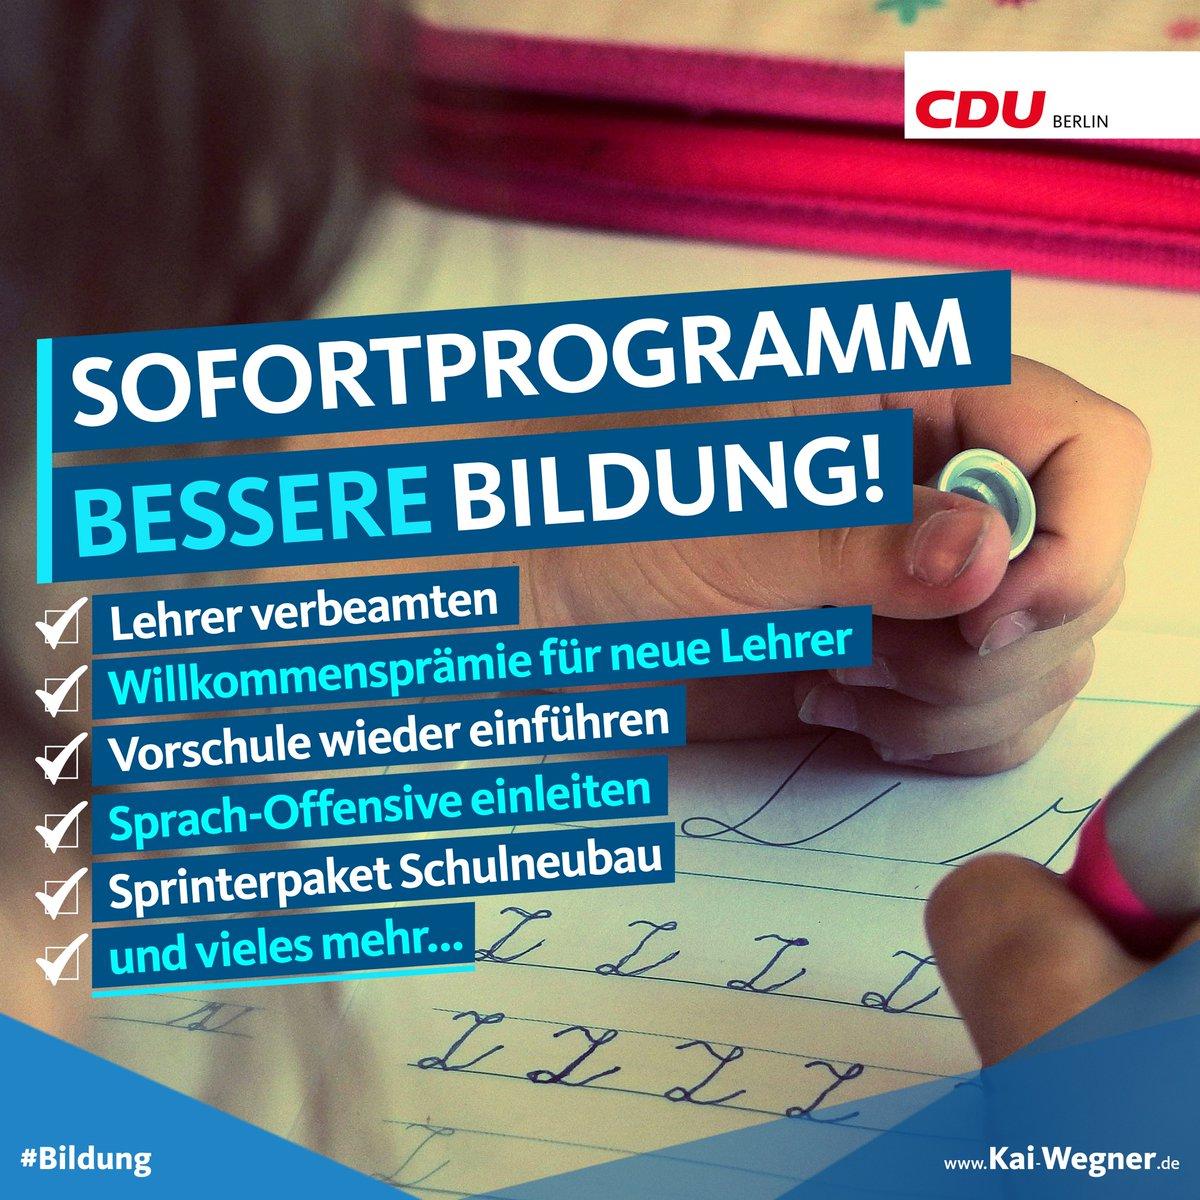 Senatorin #Scheeres hat die #Bildung vor die Wand gefahren. #Berlin ist das Schlusslicht in ganz Deutschland. Die @cduberlin will nicht länger zusehen, wie unsere Kinder um ihre #Zukunft betrogen werden. Wir brauchen einen echten Neustart in Berlin. kai-wegner.de/?attachment_id…